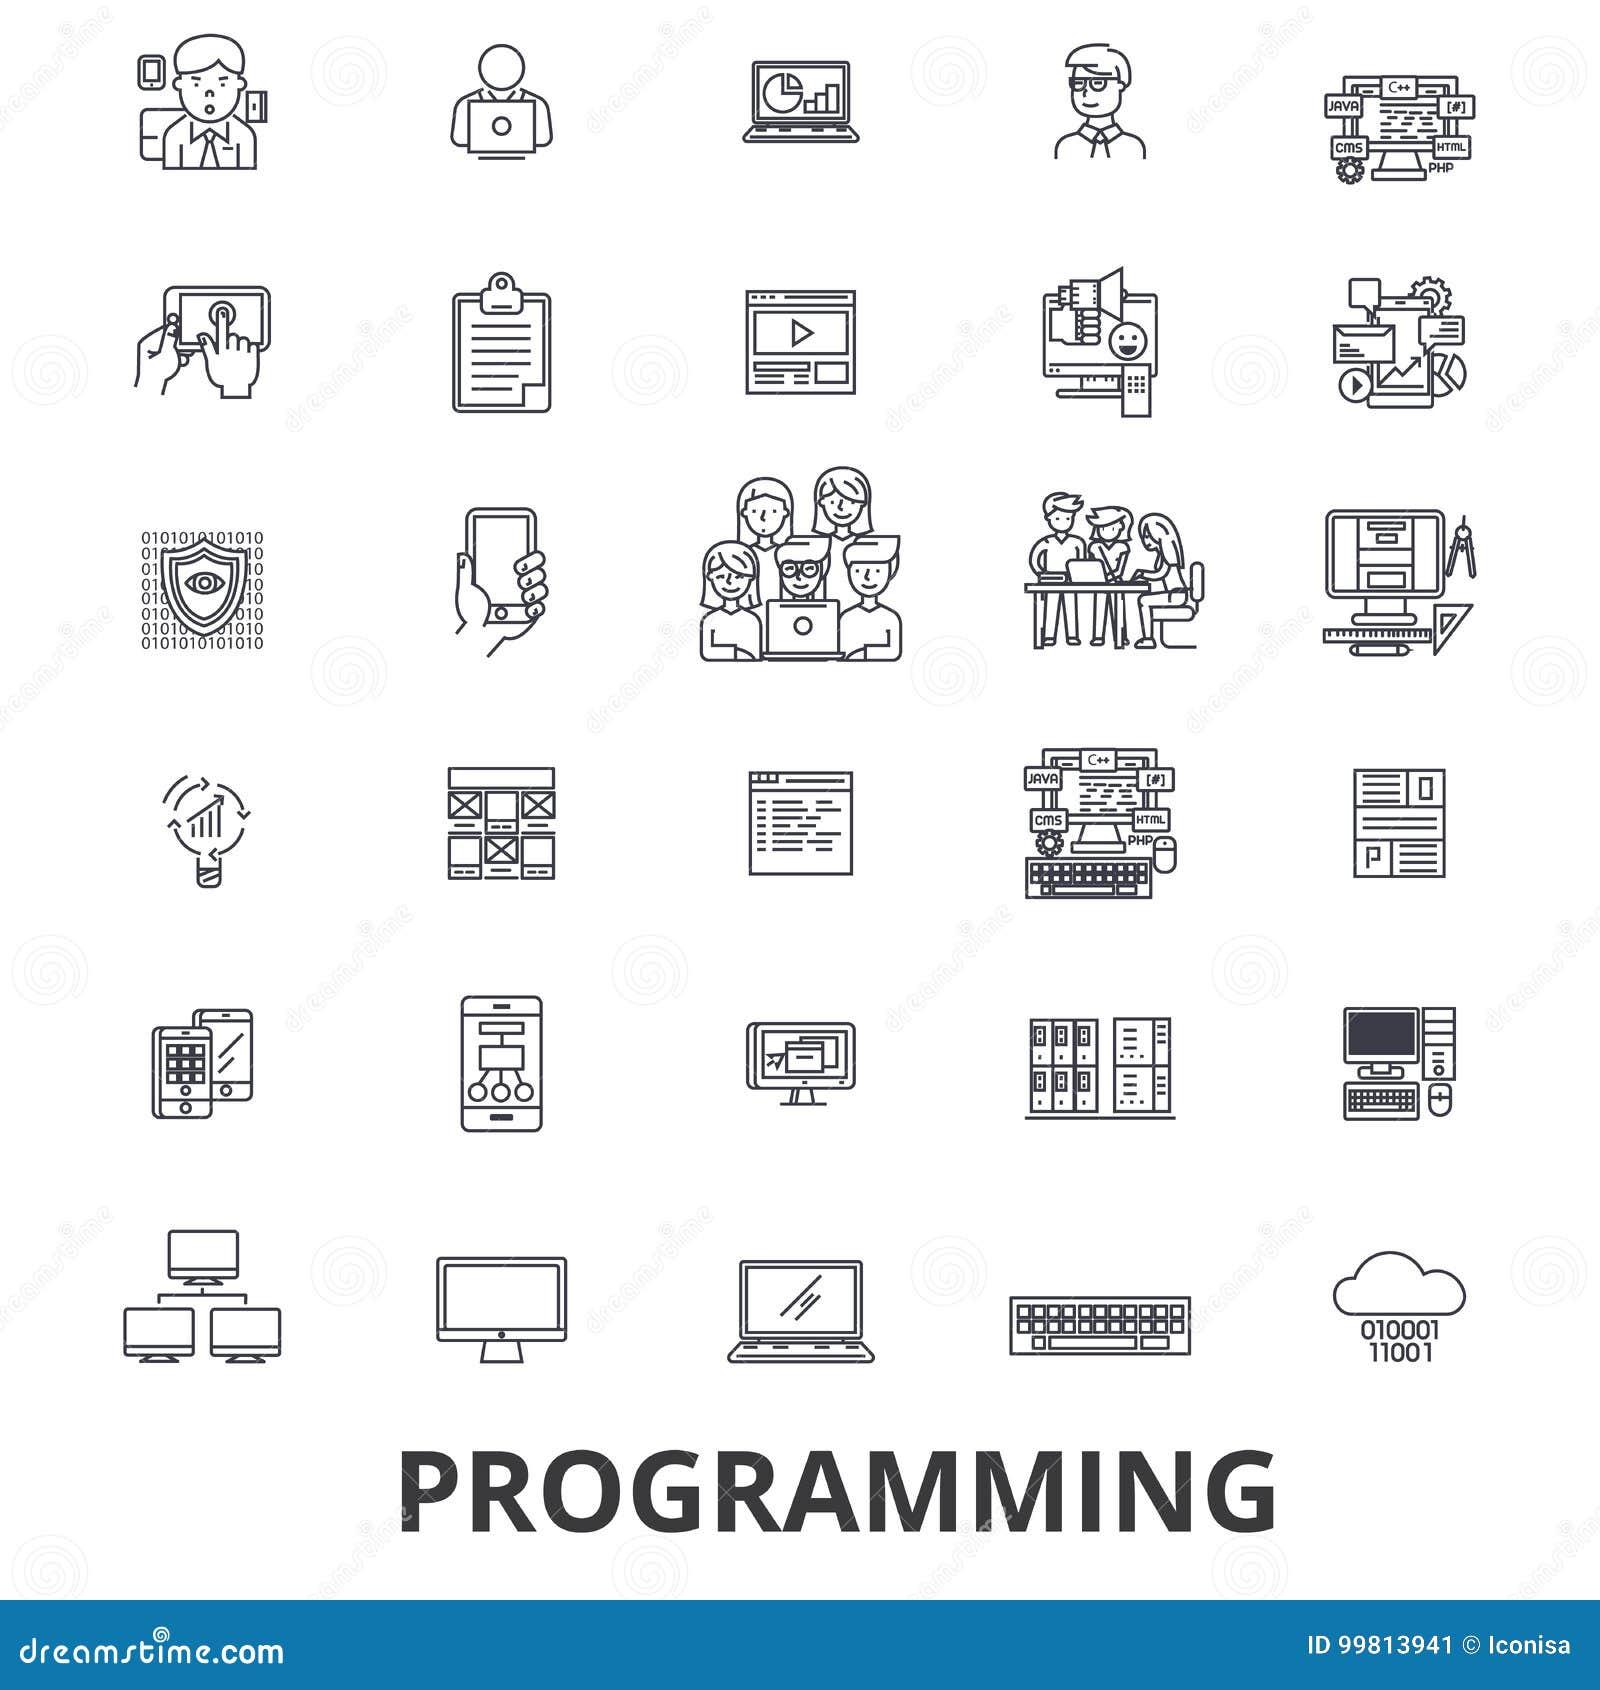 Προγραμματισμός, προγραμματιστής, κώδικας, υπολογιστής, λογισμικό, ανάπτυξη, εικονίδια γραμμών εφαρμογής Κτυπήματα Editable Επίπε